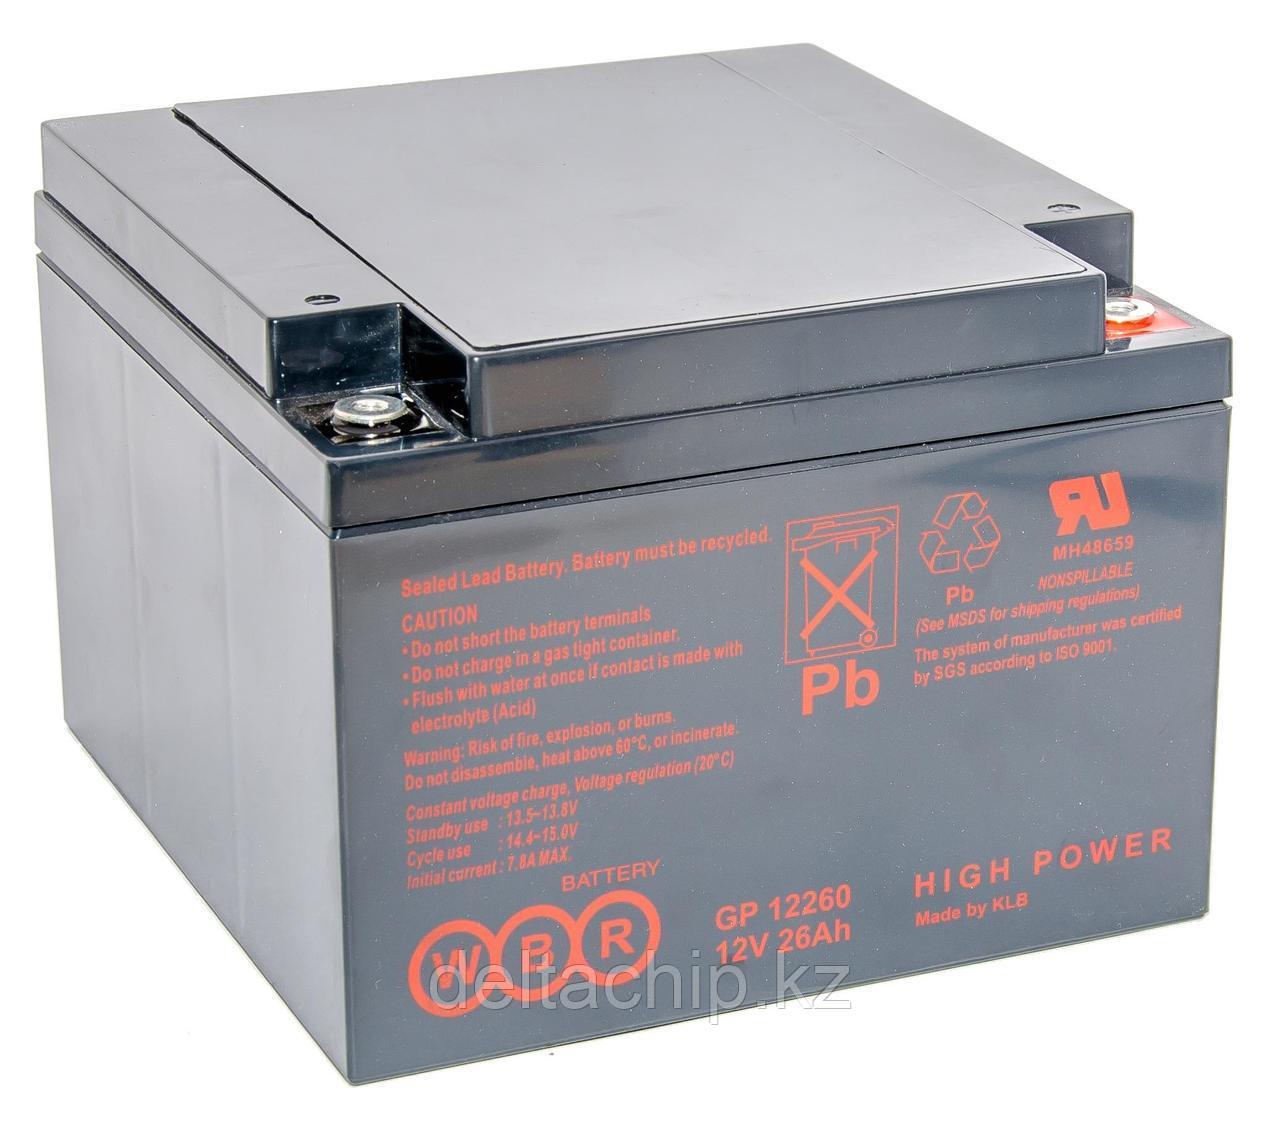 WBR GP12260 26A F2 (166*175*125mm) AGM аккумулятор.